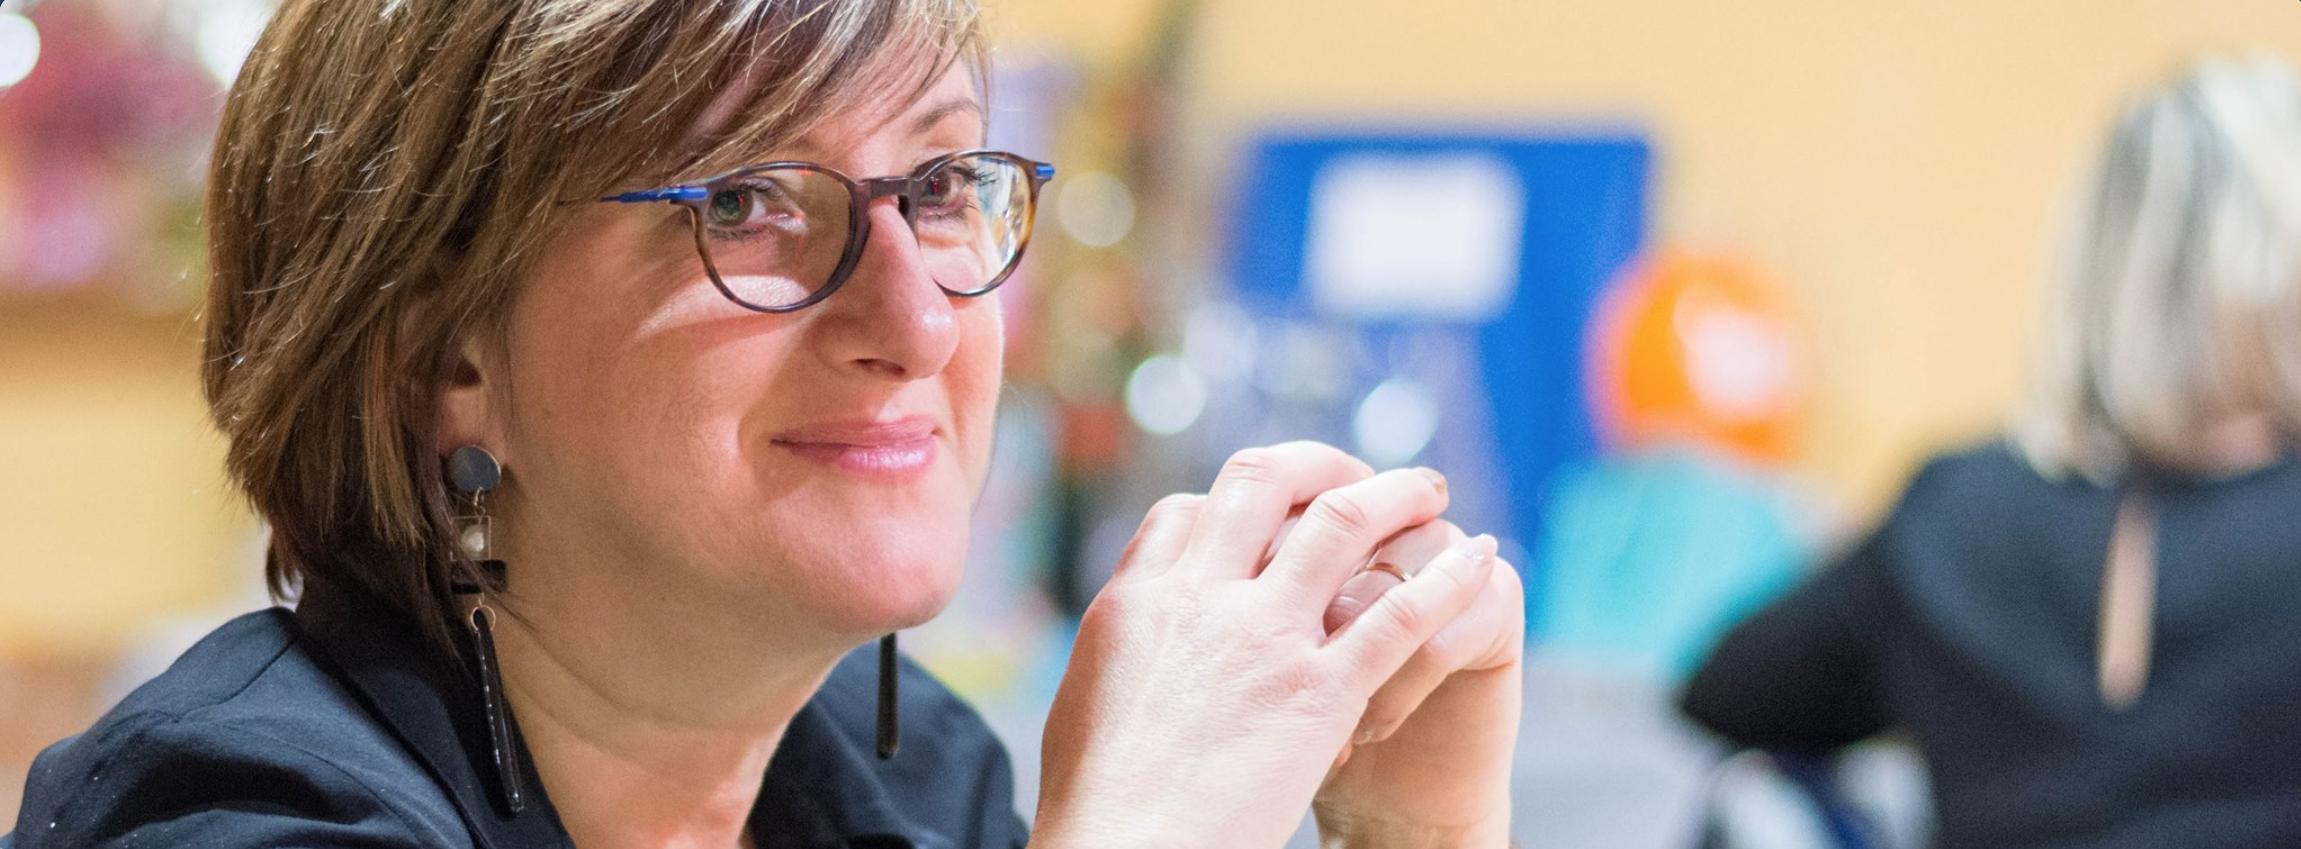 Témoignage d'entrepreneur : Vivre de sa passion – Cosy&Family – Valérie Largy